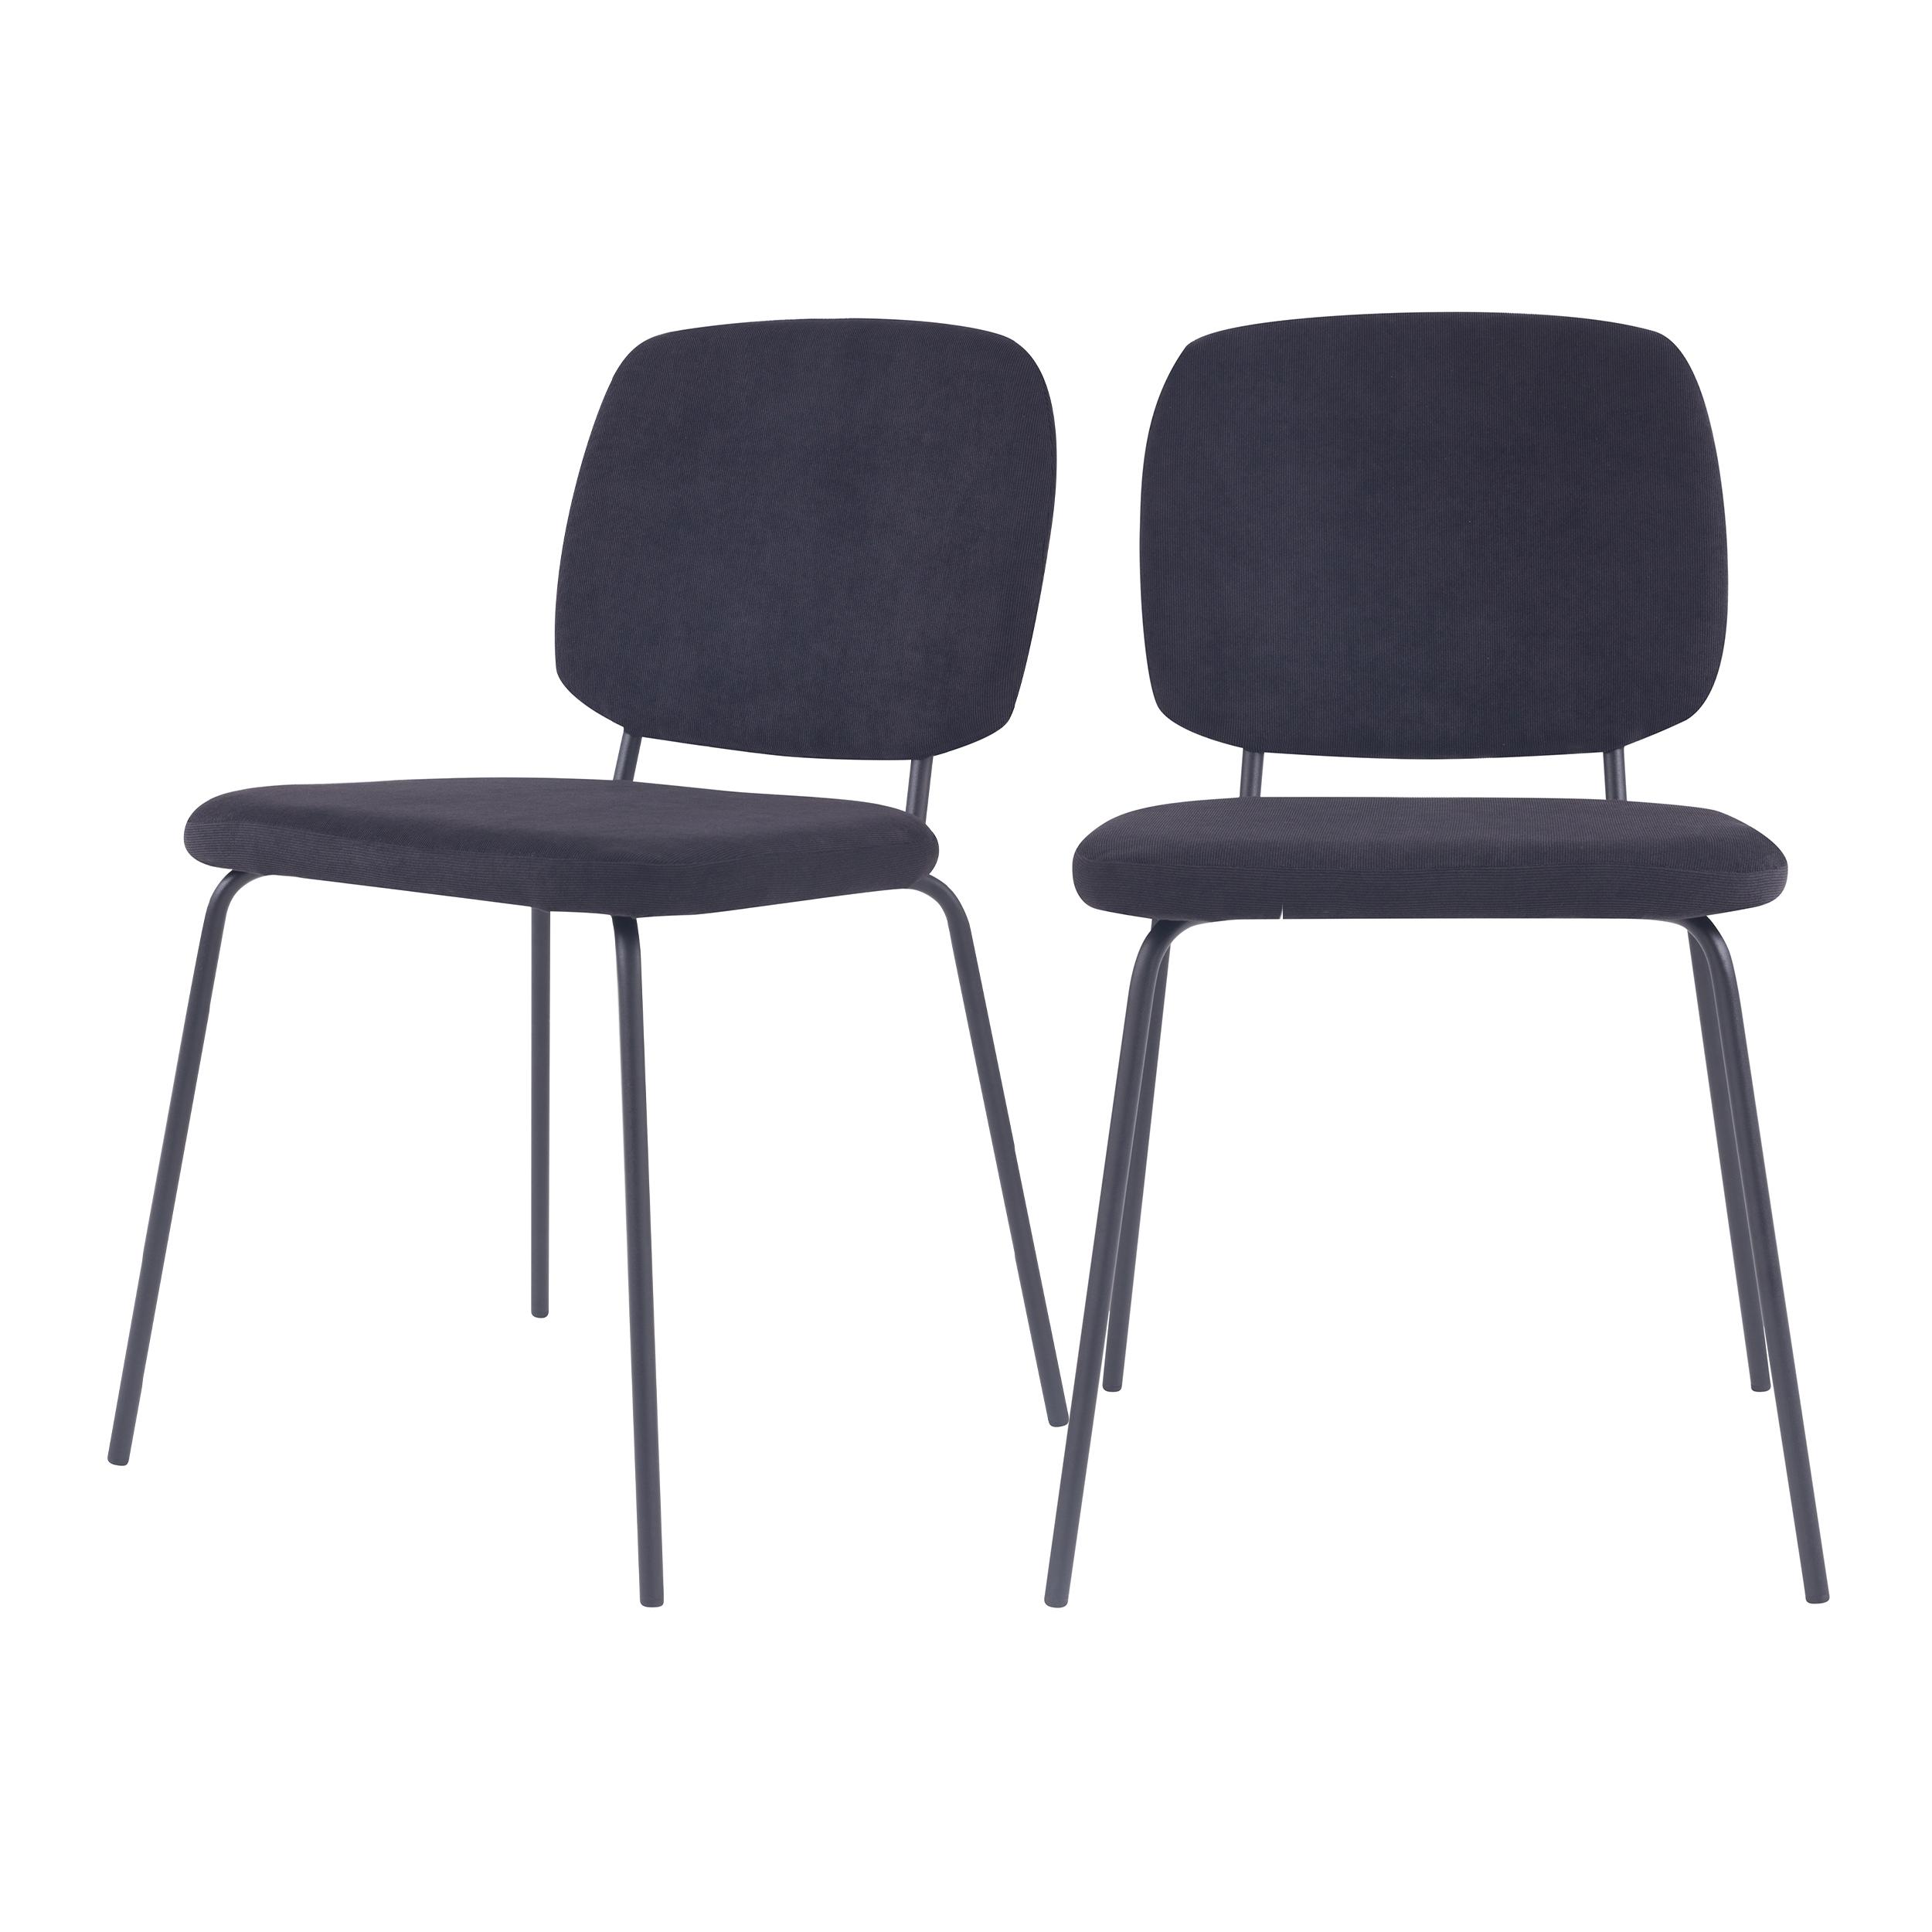 Chaise en velours côtelé noir (lot de 2)